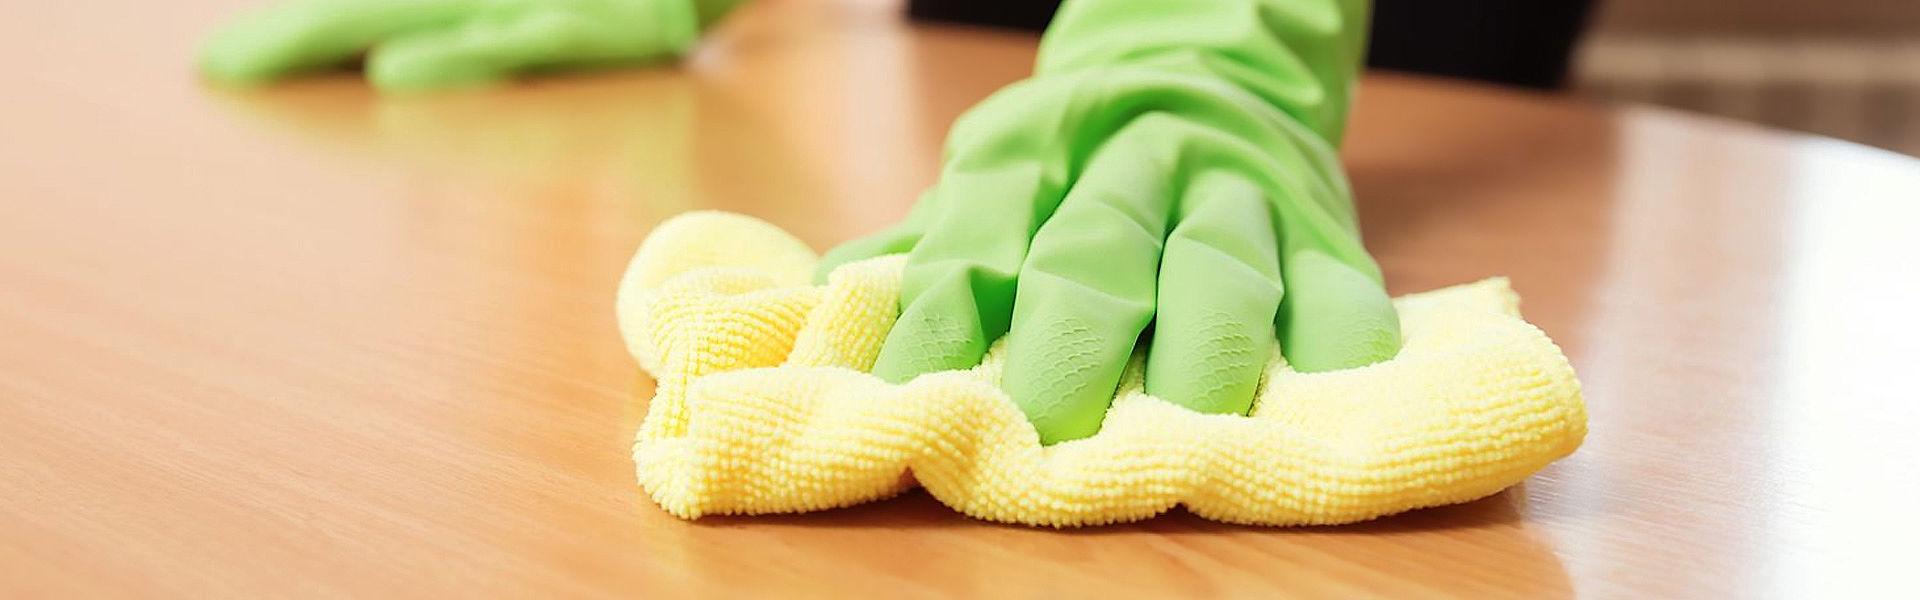 Уборка с помощью ткани